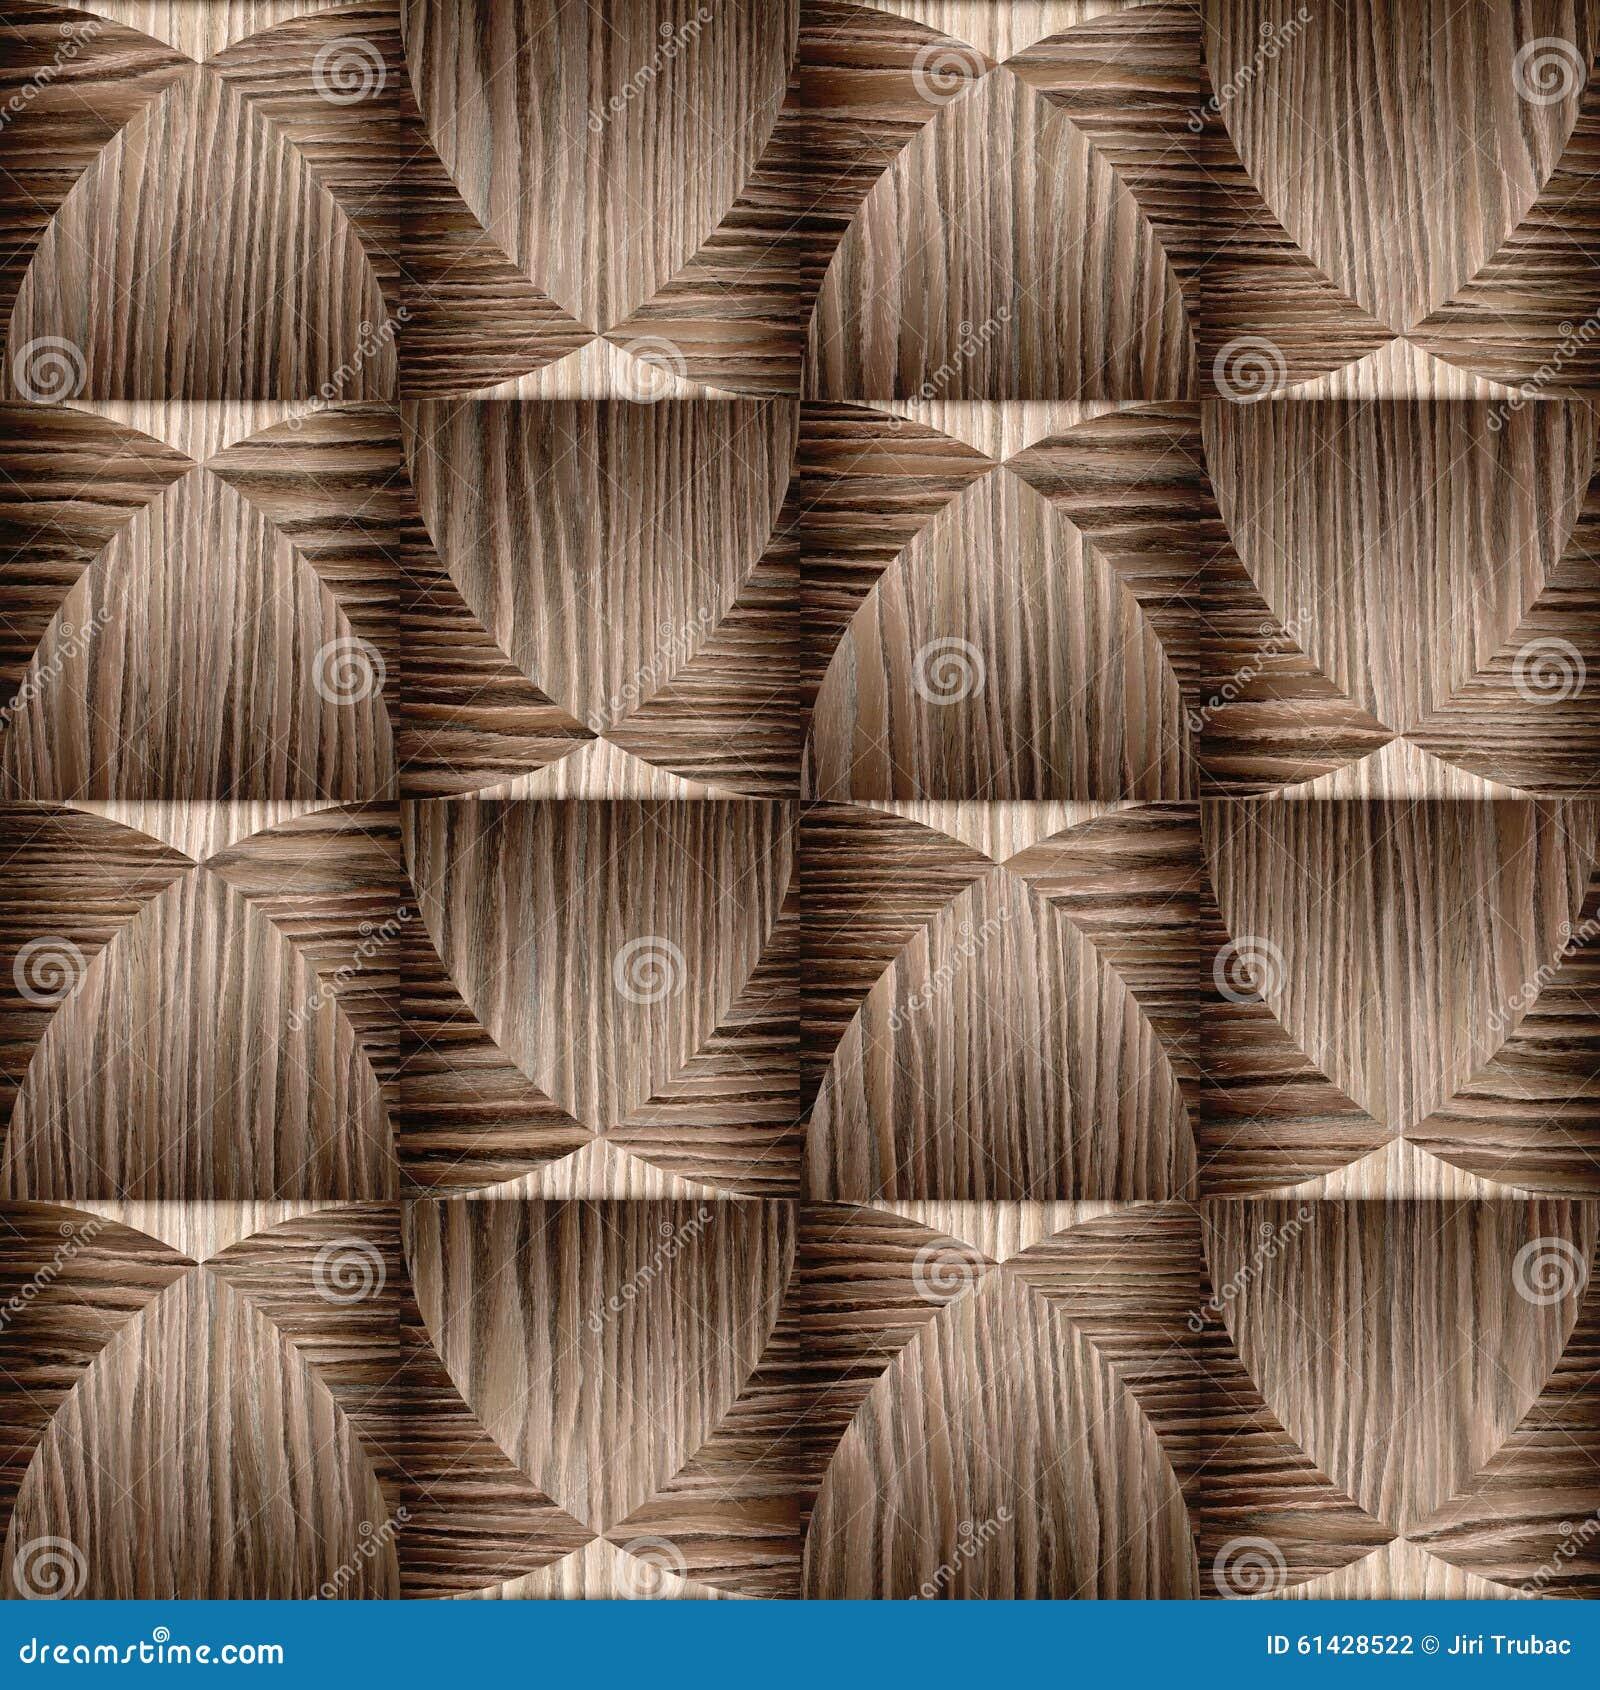 Modelo abstracto del revestimiento de madera - madera arruinada del surco del roble